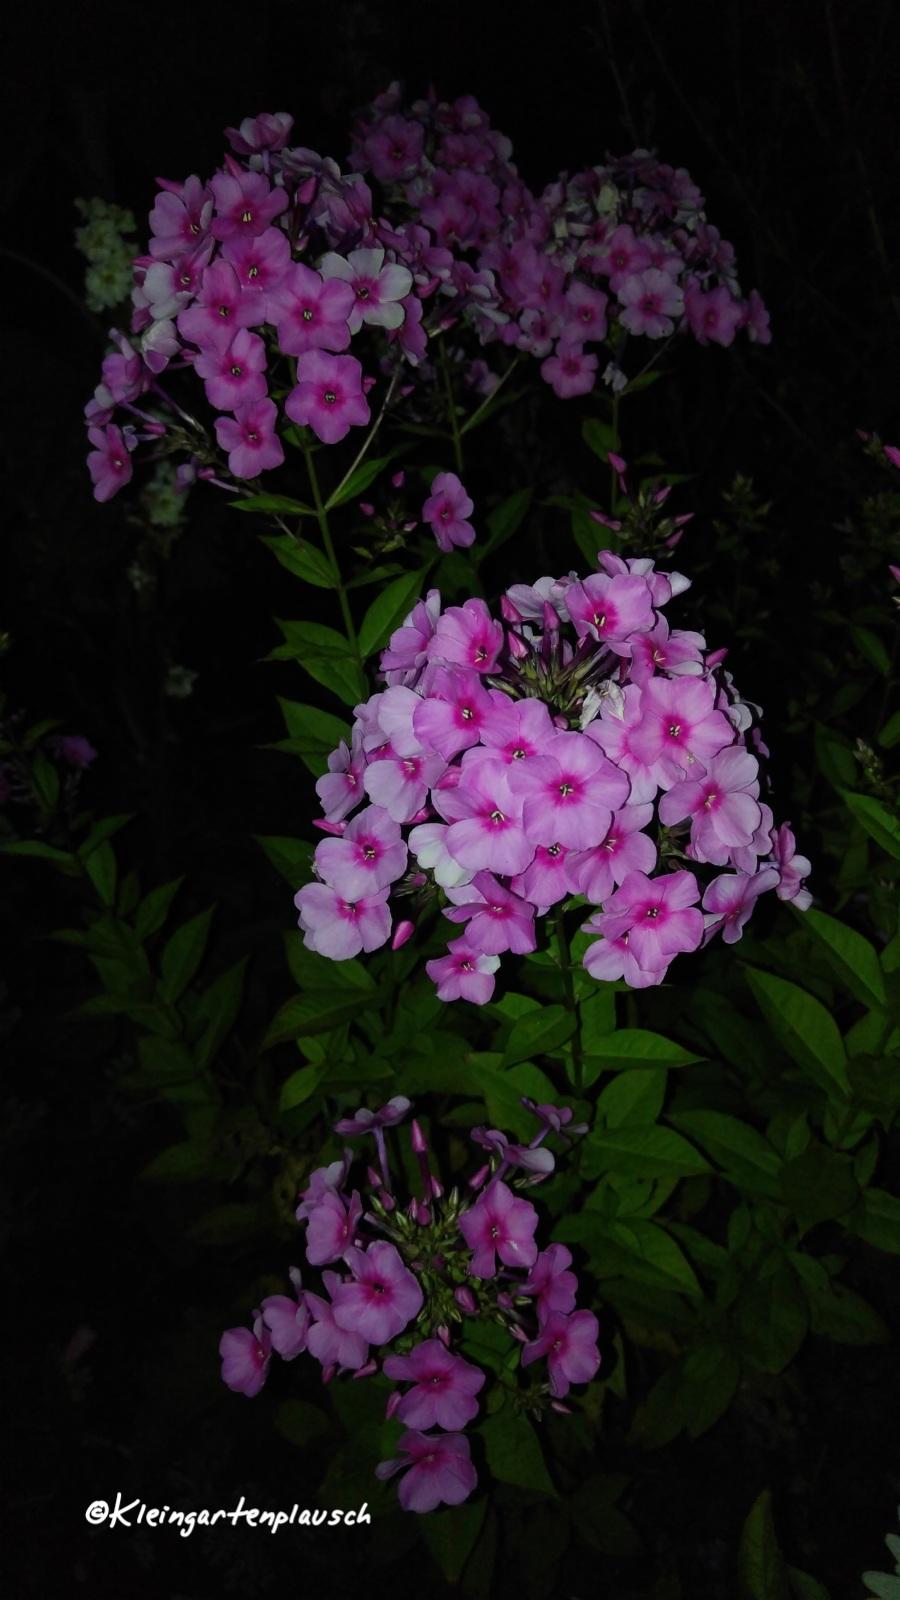 ... wurden von diversen Gartenfreunden von innerhalb oder außerhalb unseres Vereins gespendet. Dieser Phlox stammt aus einer Gärtnerei zwei Dörfer weiter...